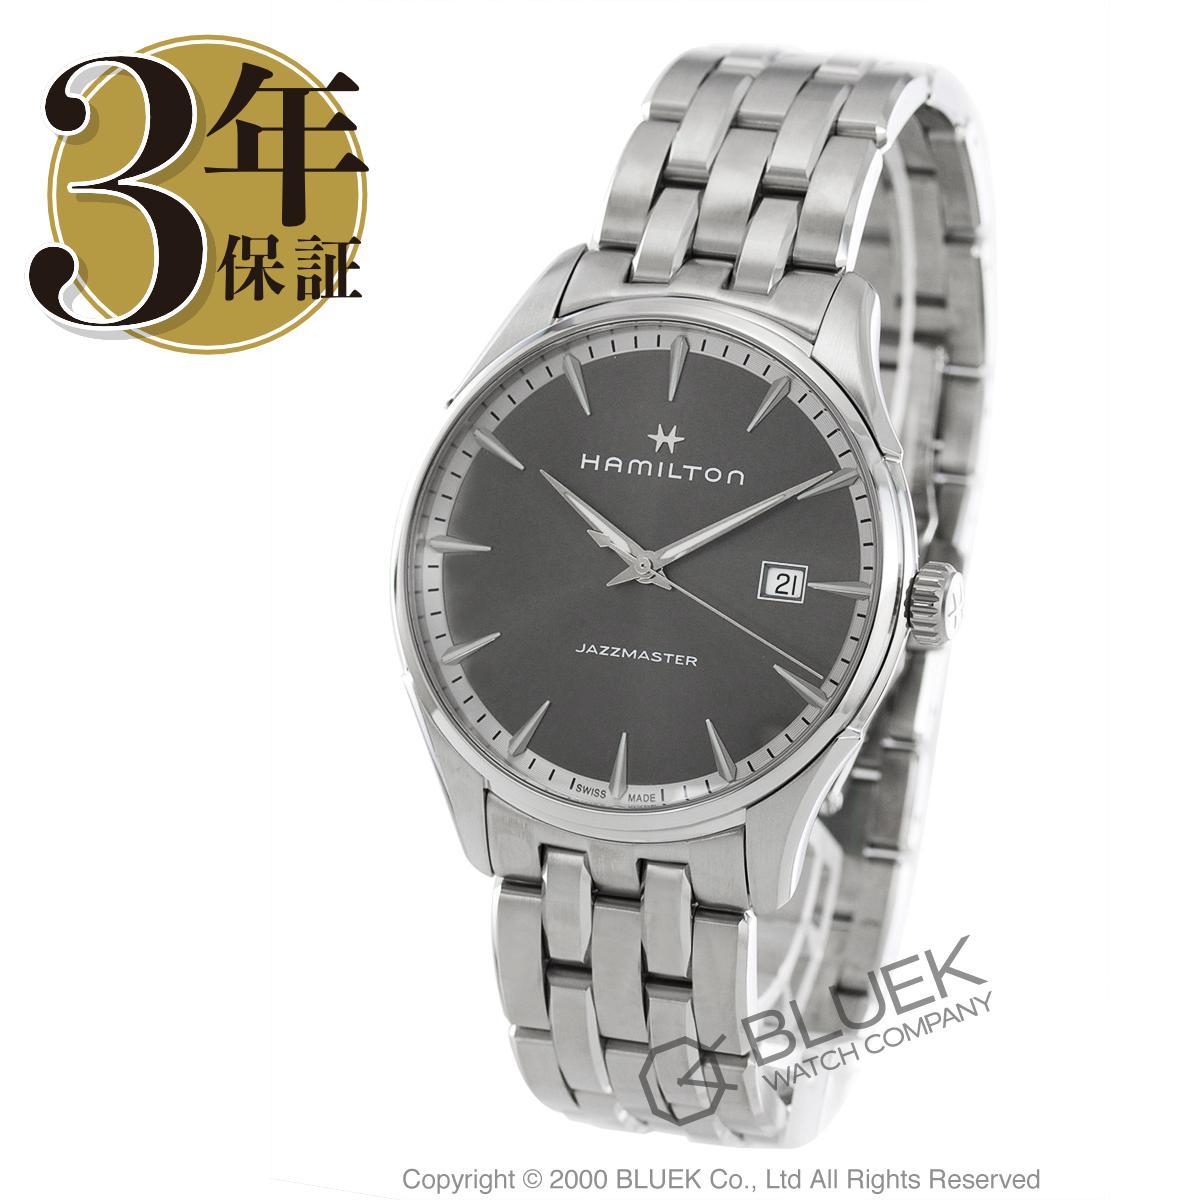 ハミルトン ジャズマスター ジェント 腕時計 メンズ HAMILTON H32451181_8 バーゲン 成人祝い ギフト プレゼント